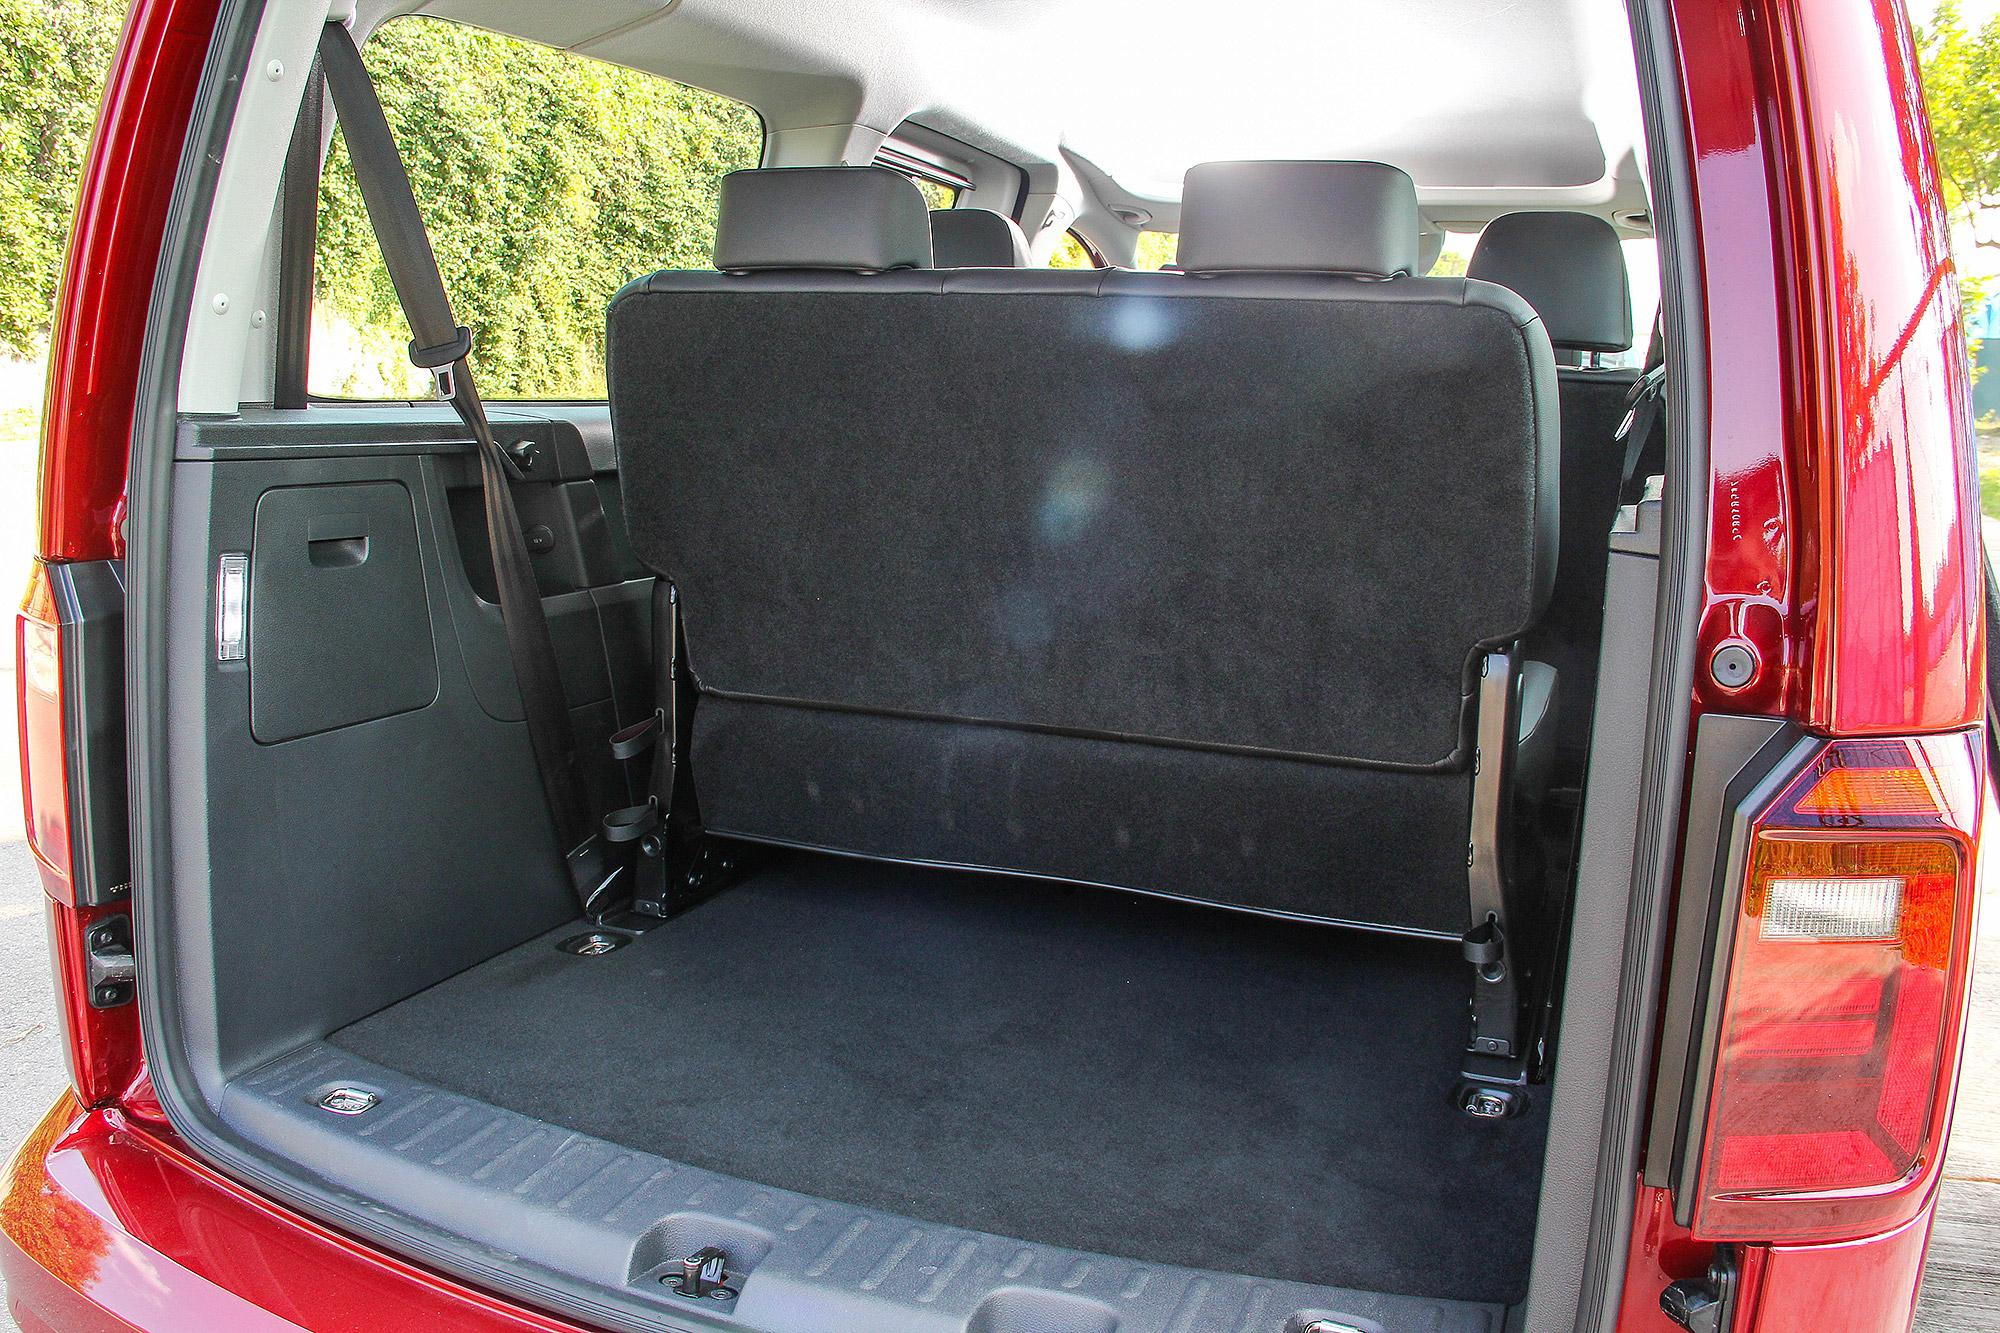 即使三排座椅滿載,仍有相當出色的行李廂深度, 580 公升的基礎行李廂容積,也與一般中型 SUV 相近。